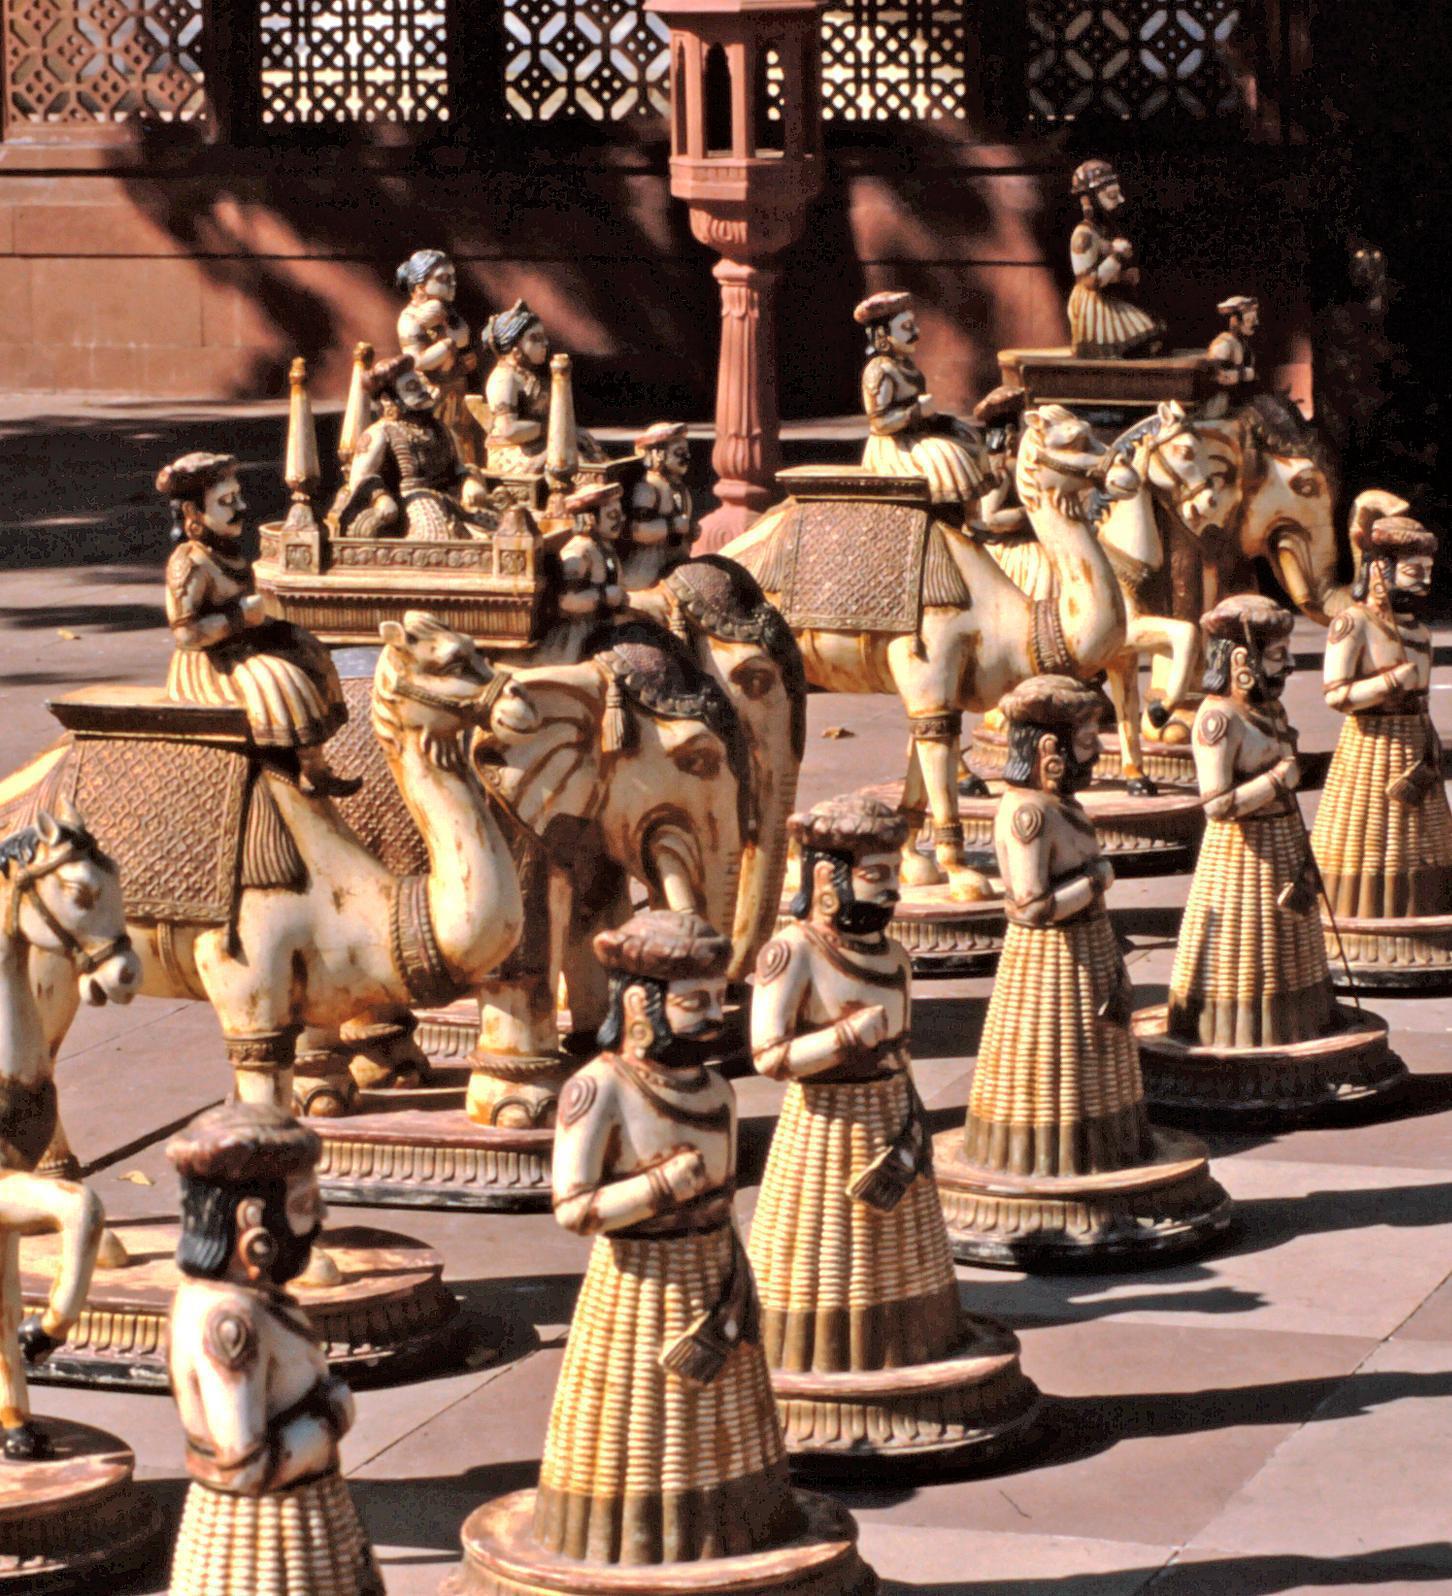 категория работы индийские шахматы картинки наши